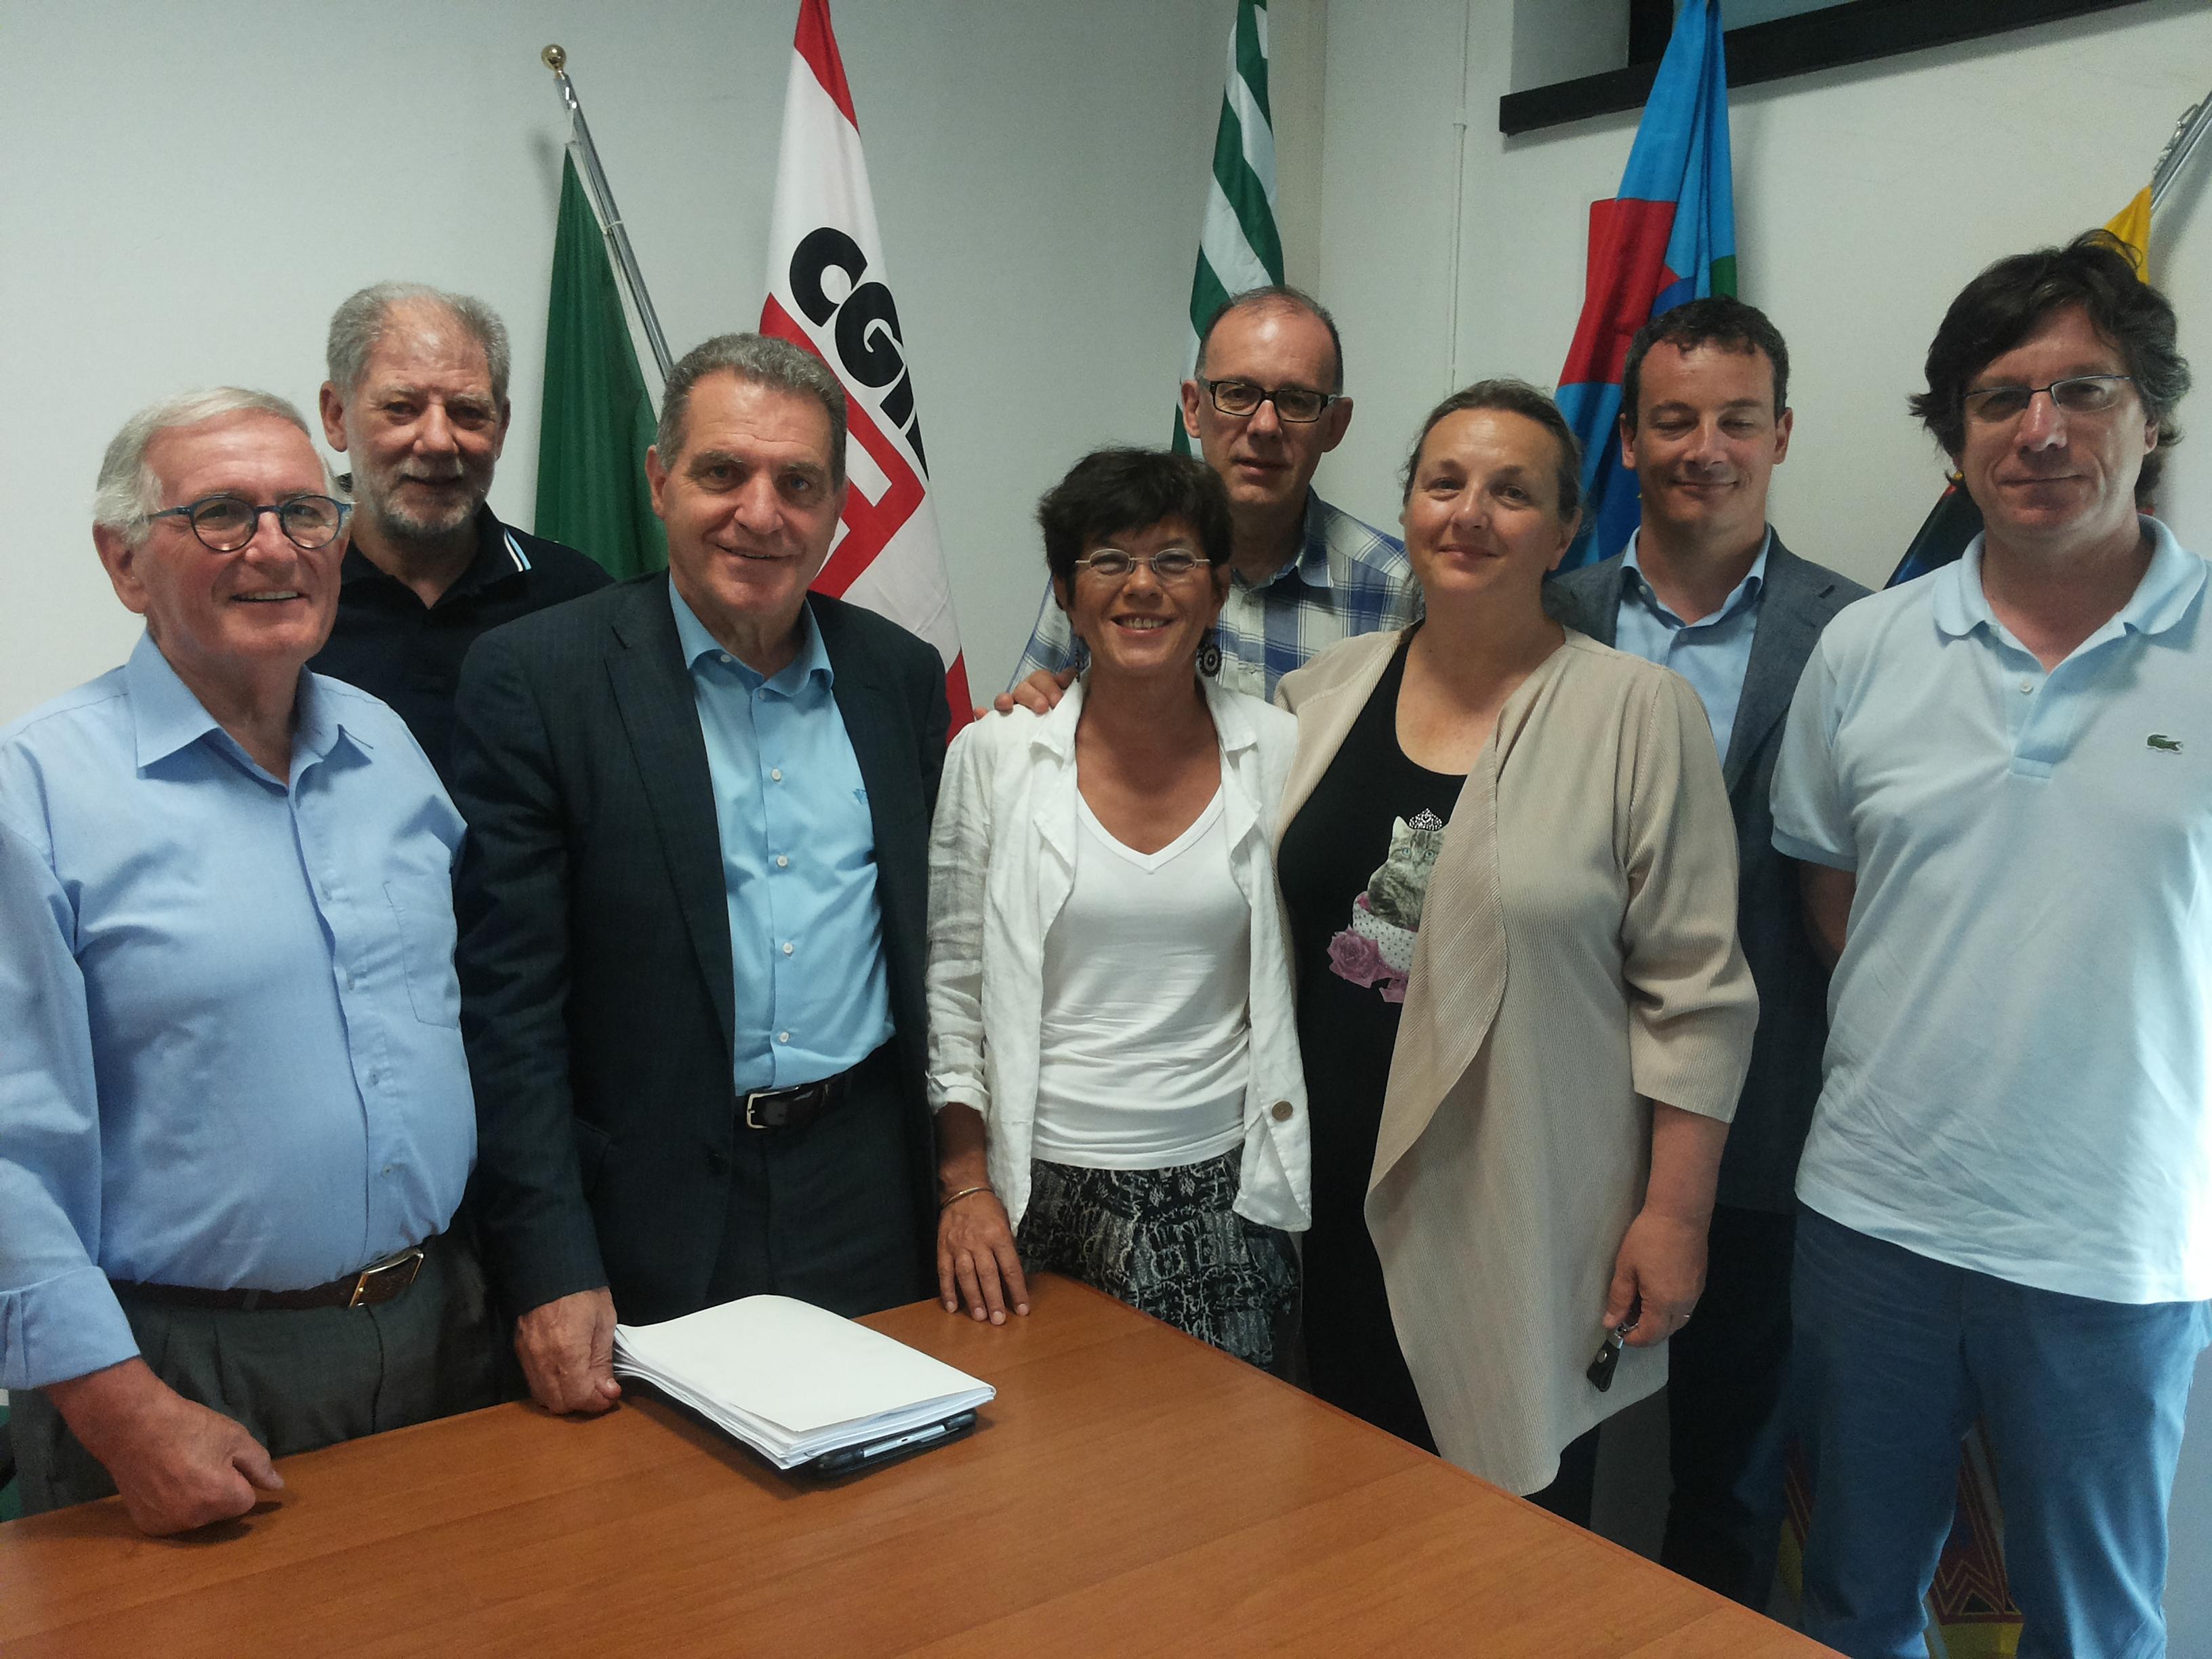 Pensionati Spi, Fnp e Uilp con i parlamentari veneti